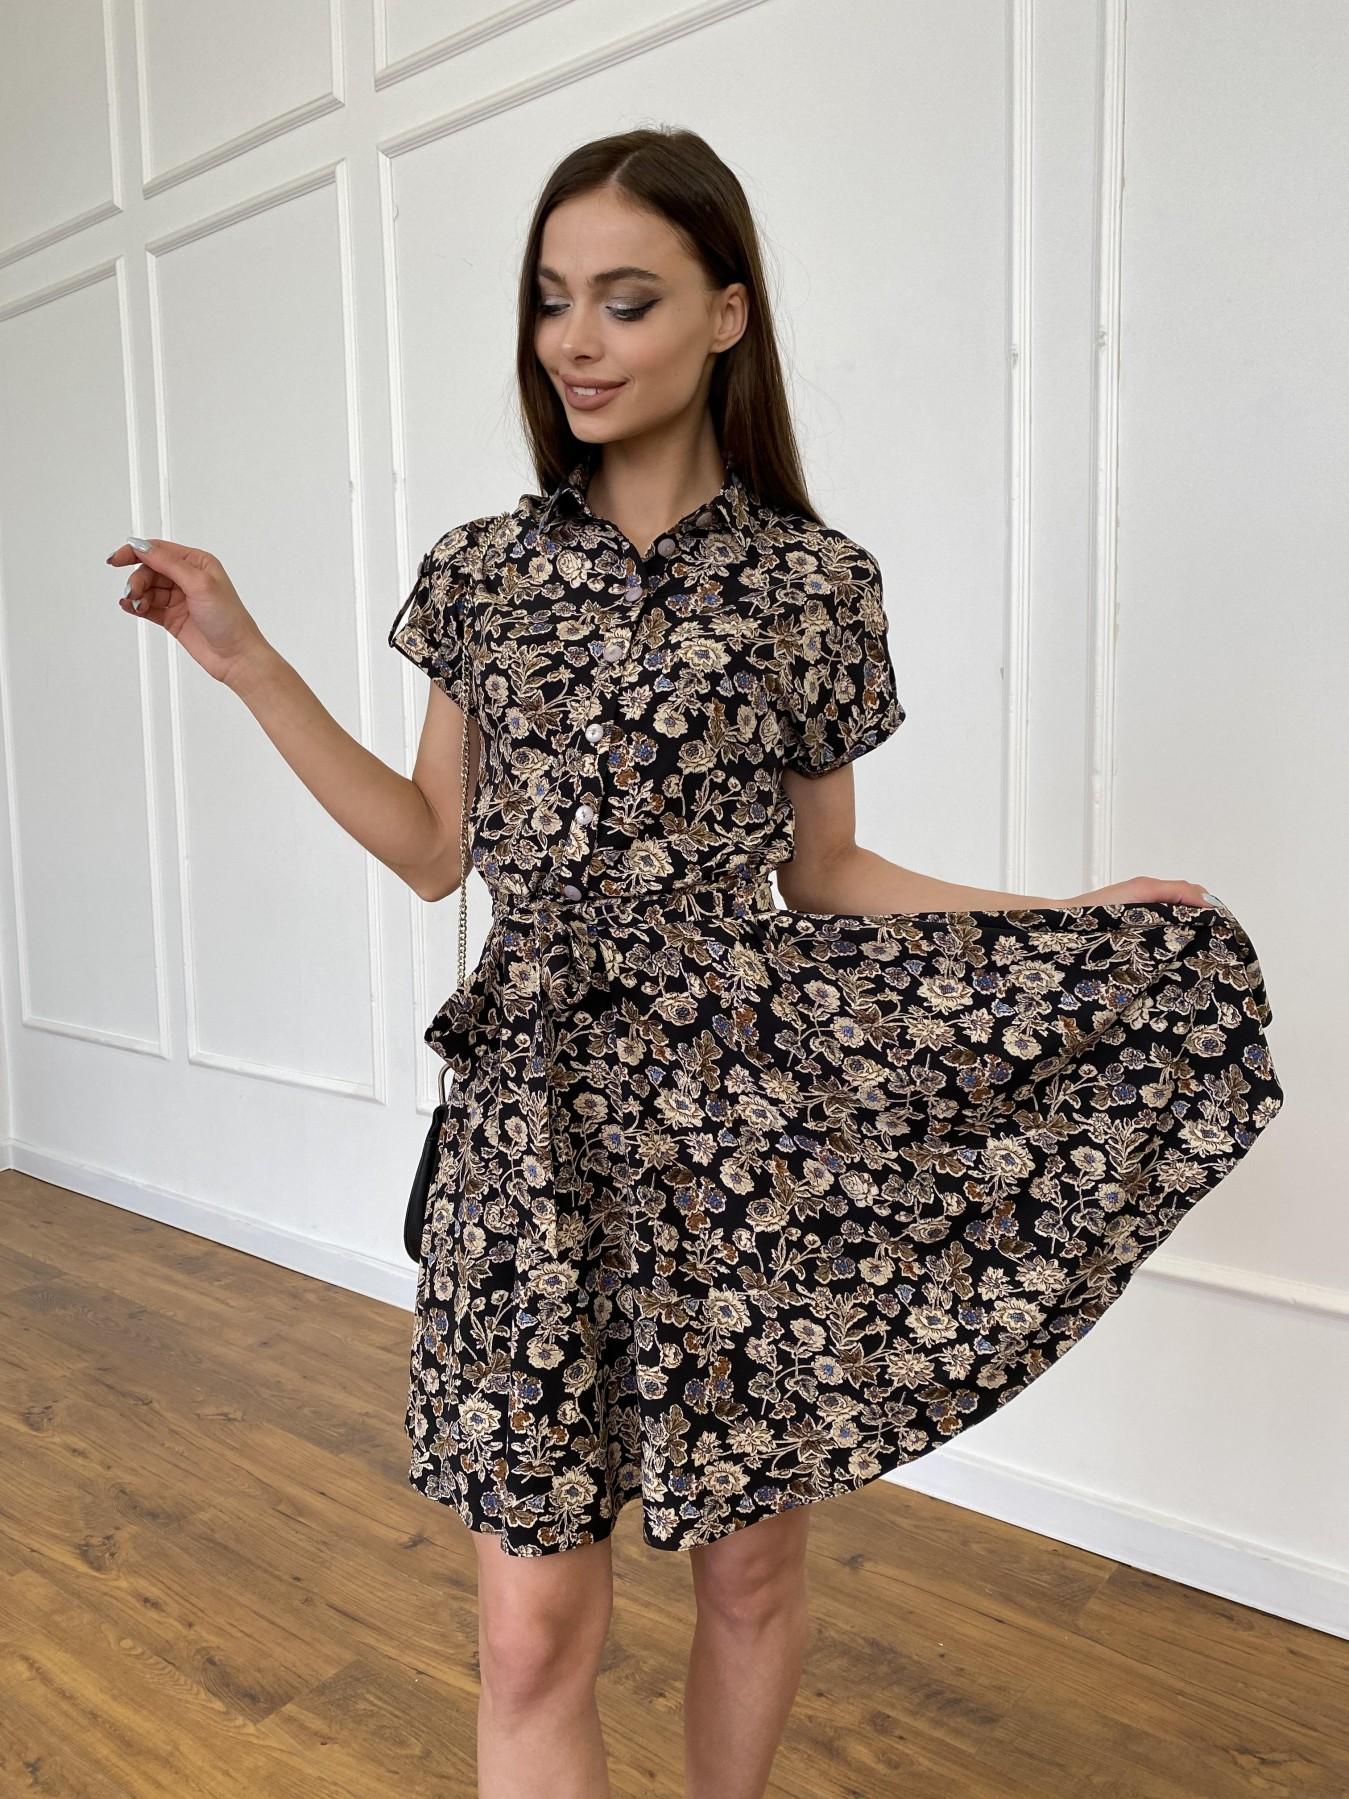 Санжар платье из ткани софт в принт 11215 АРТ. 47726 Цвет: Черный/т. беж, Цветы - фото 3, интернет магазин tm-modus.ru